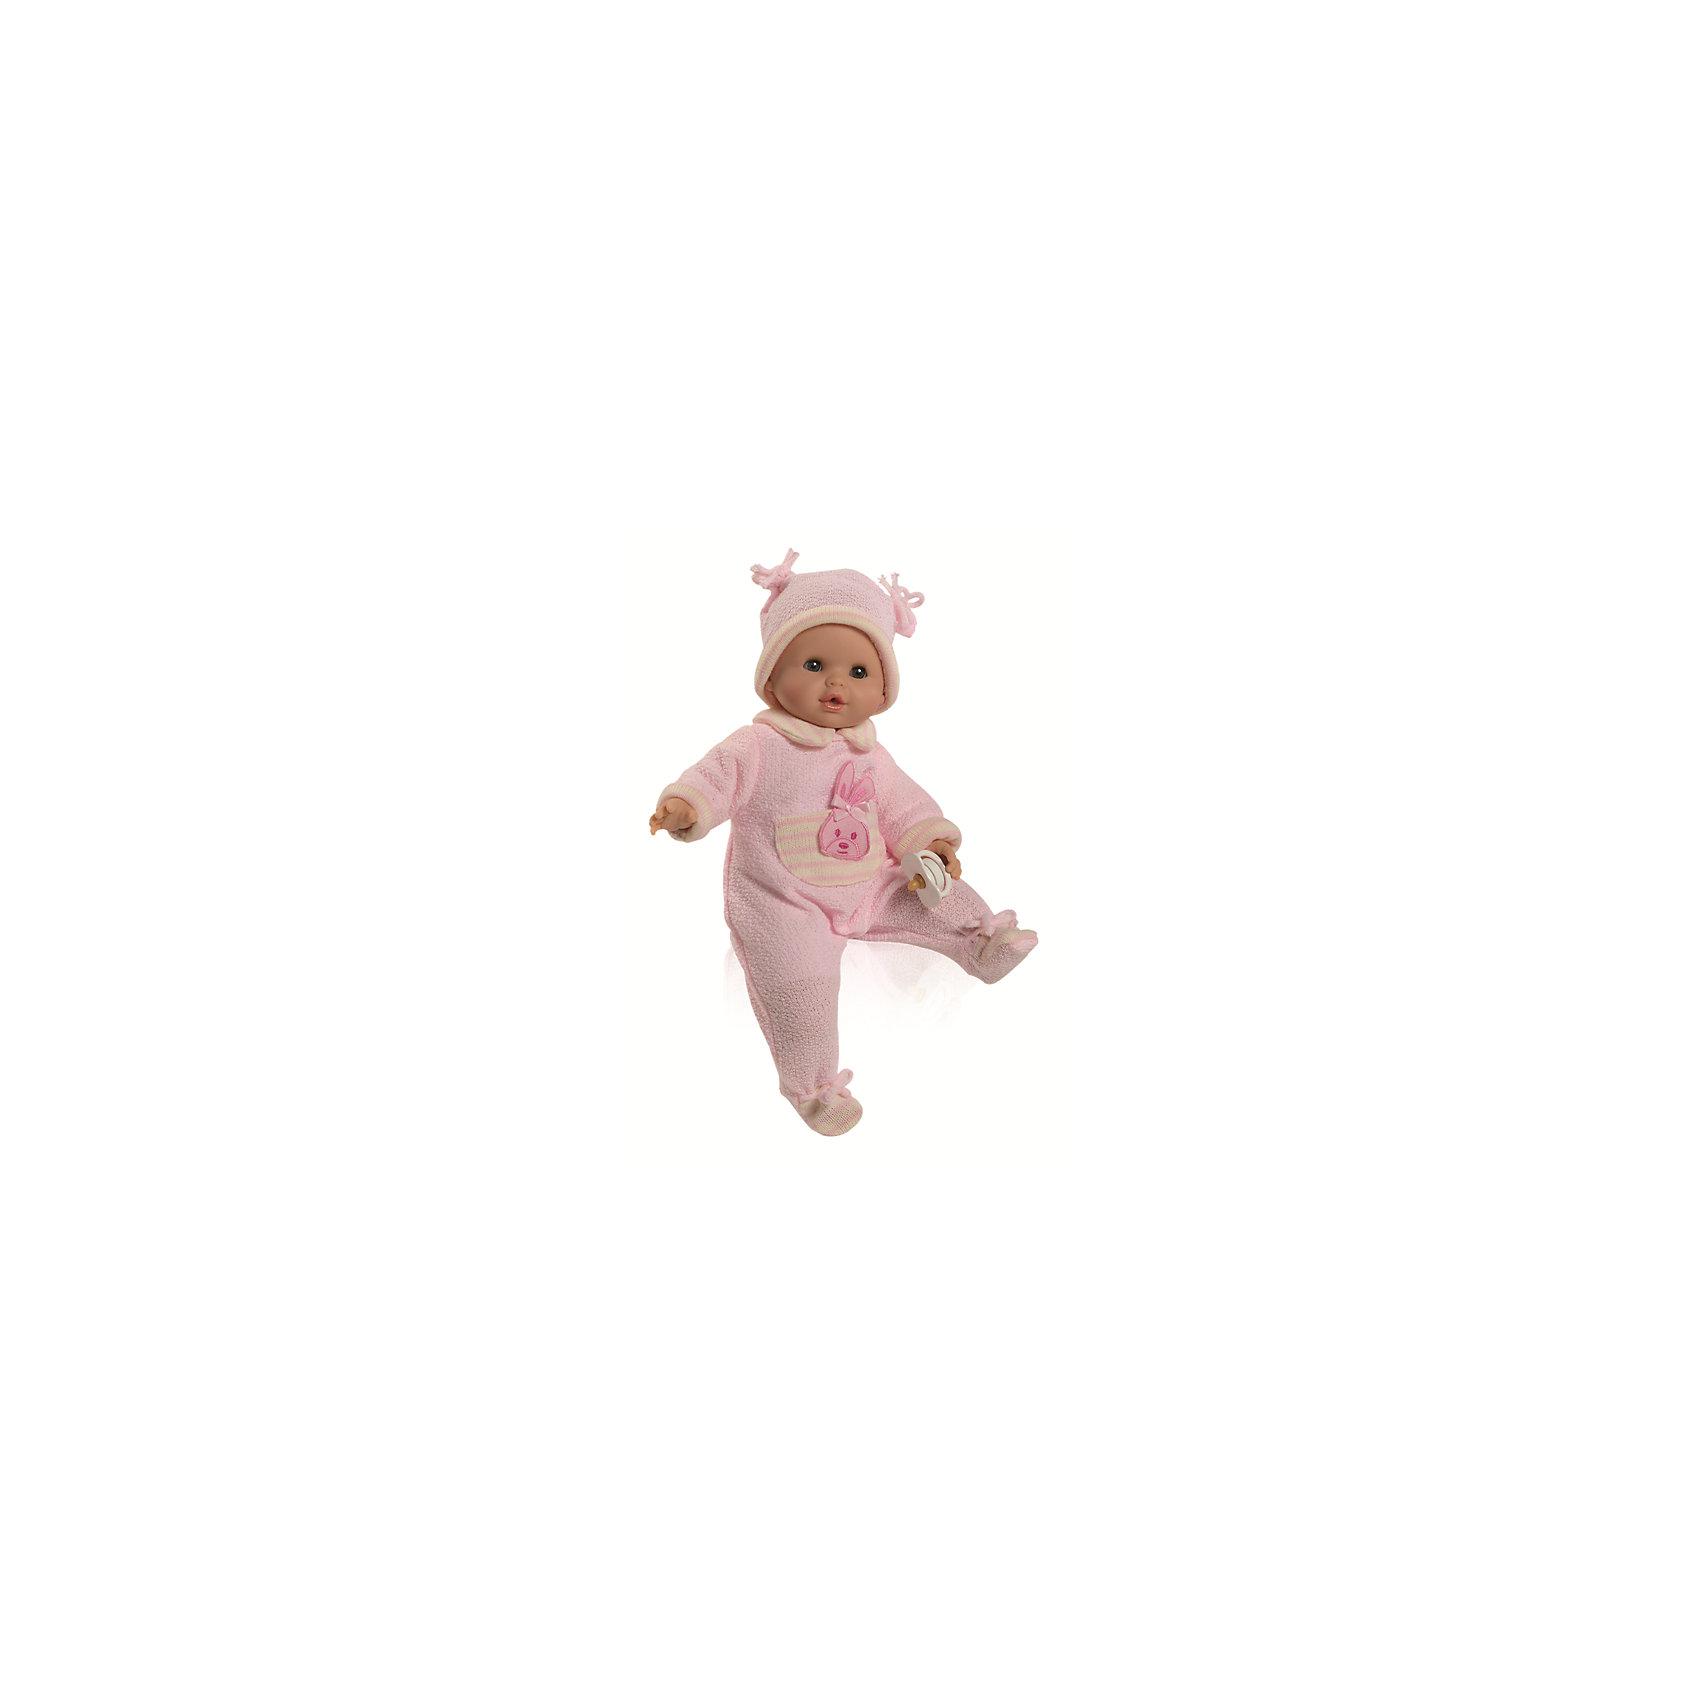 Кукла Соня в теплой одежде, 36 см, Paola ReinaКлассические куклы<br>Кукла изготовлена из винила; глаза выполнены в виде кристалла из прозрачного твердого пластика; волосы сделаны из высококачественного нейлона.<br><br>Ширина мм: 250<br>Глубина мм: 250<br>Высота мм: 420<br>Вес г: 1000<br>Возраст от месяцев: 36<br>Возраст до месяцев: 144<br>Пол: Женский<br>Возраст: Детский<br>SKU: 4966368